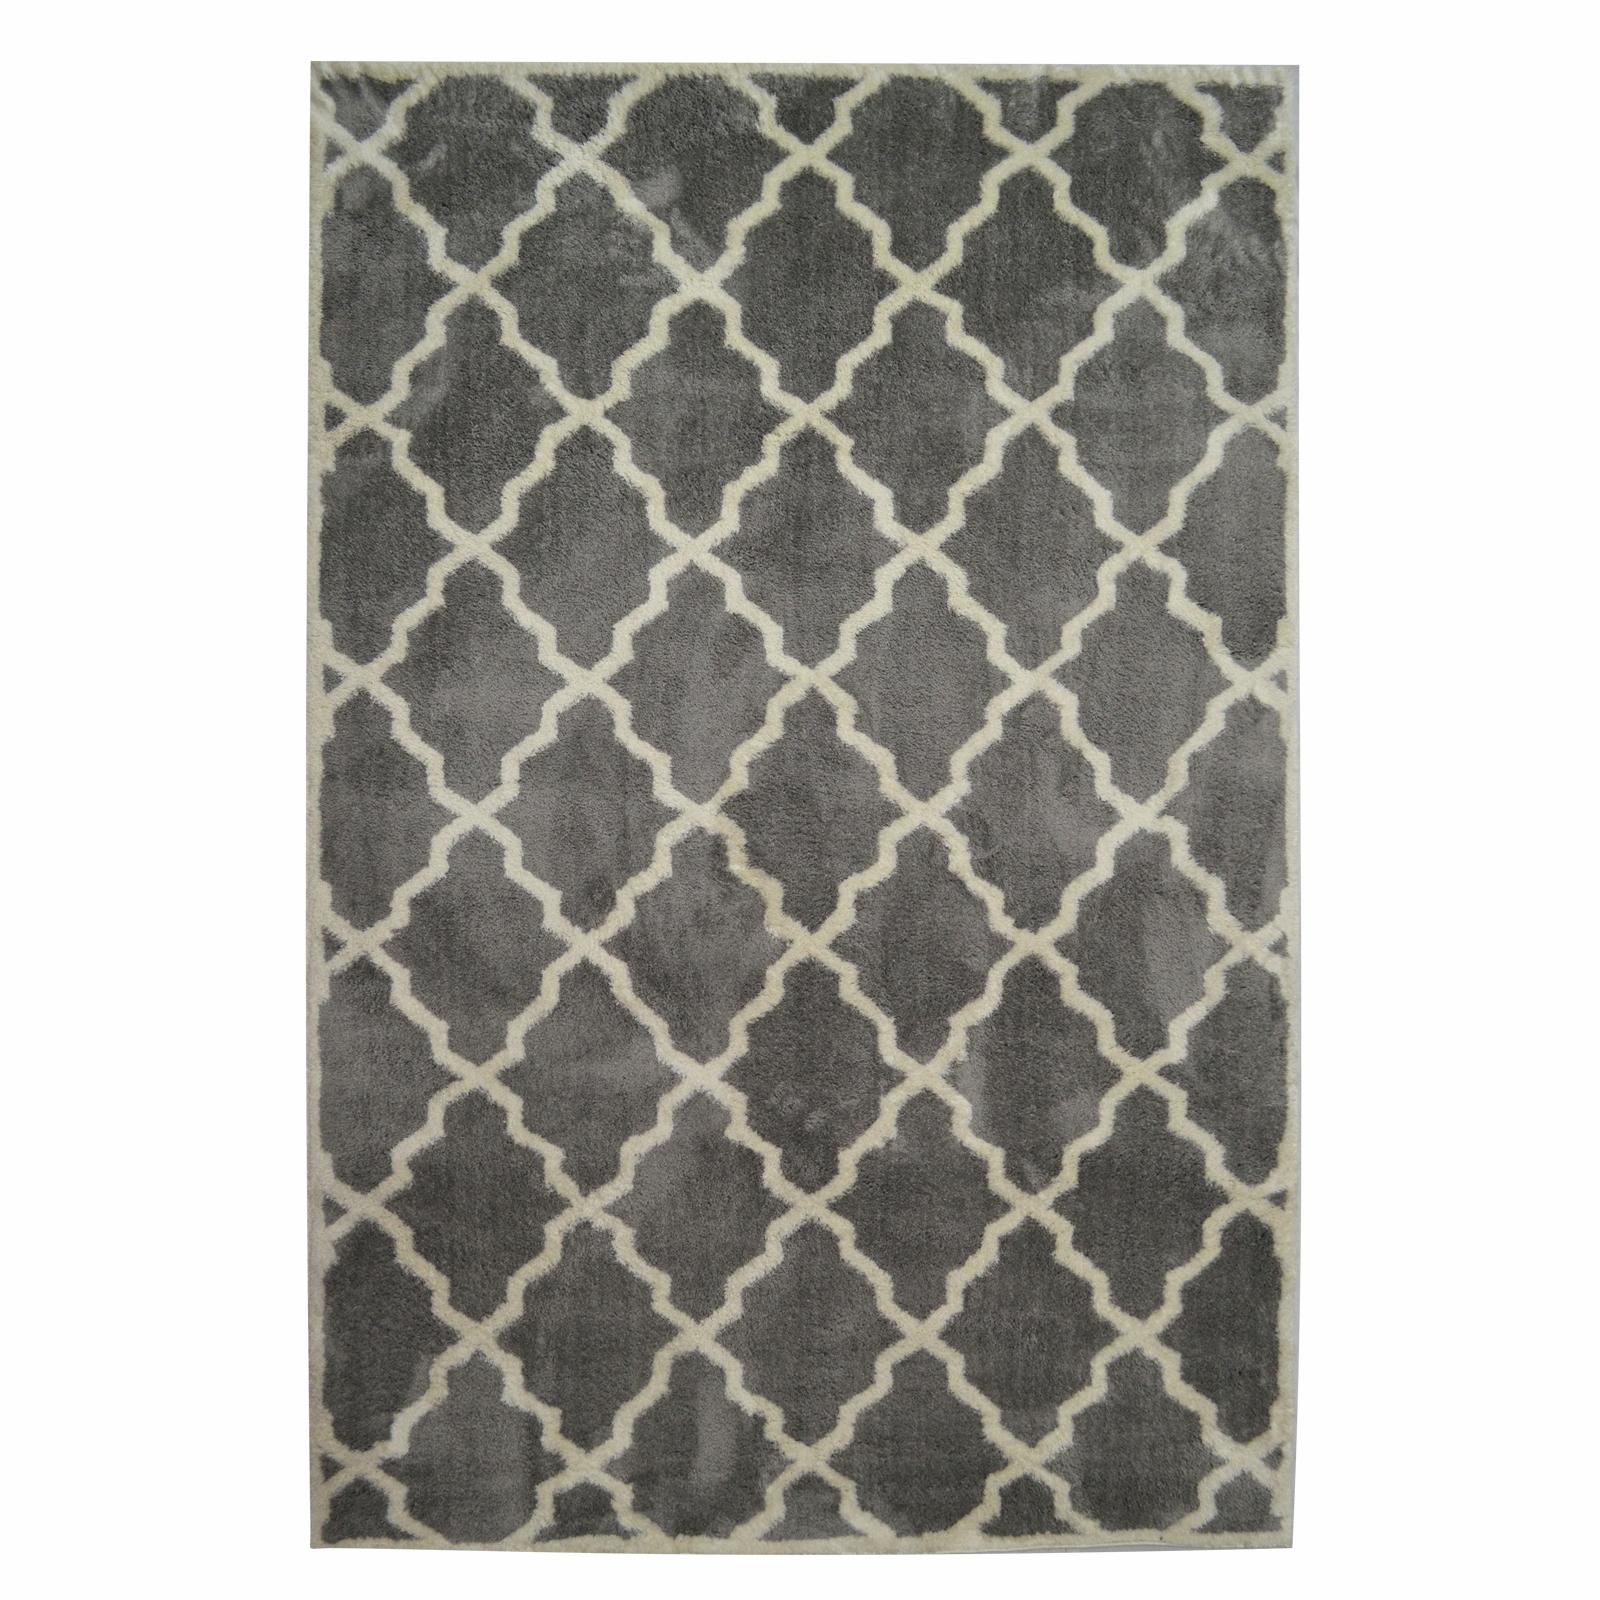 Serene 160 x 230cm Grey Lattice Rug